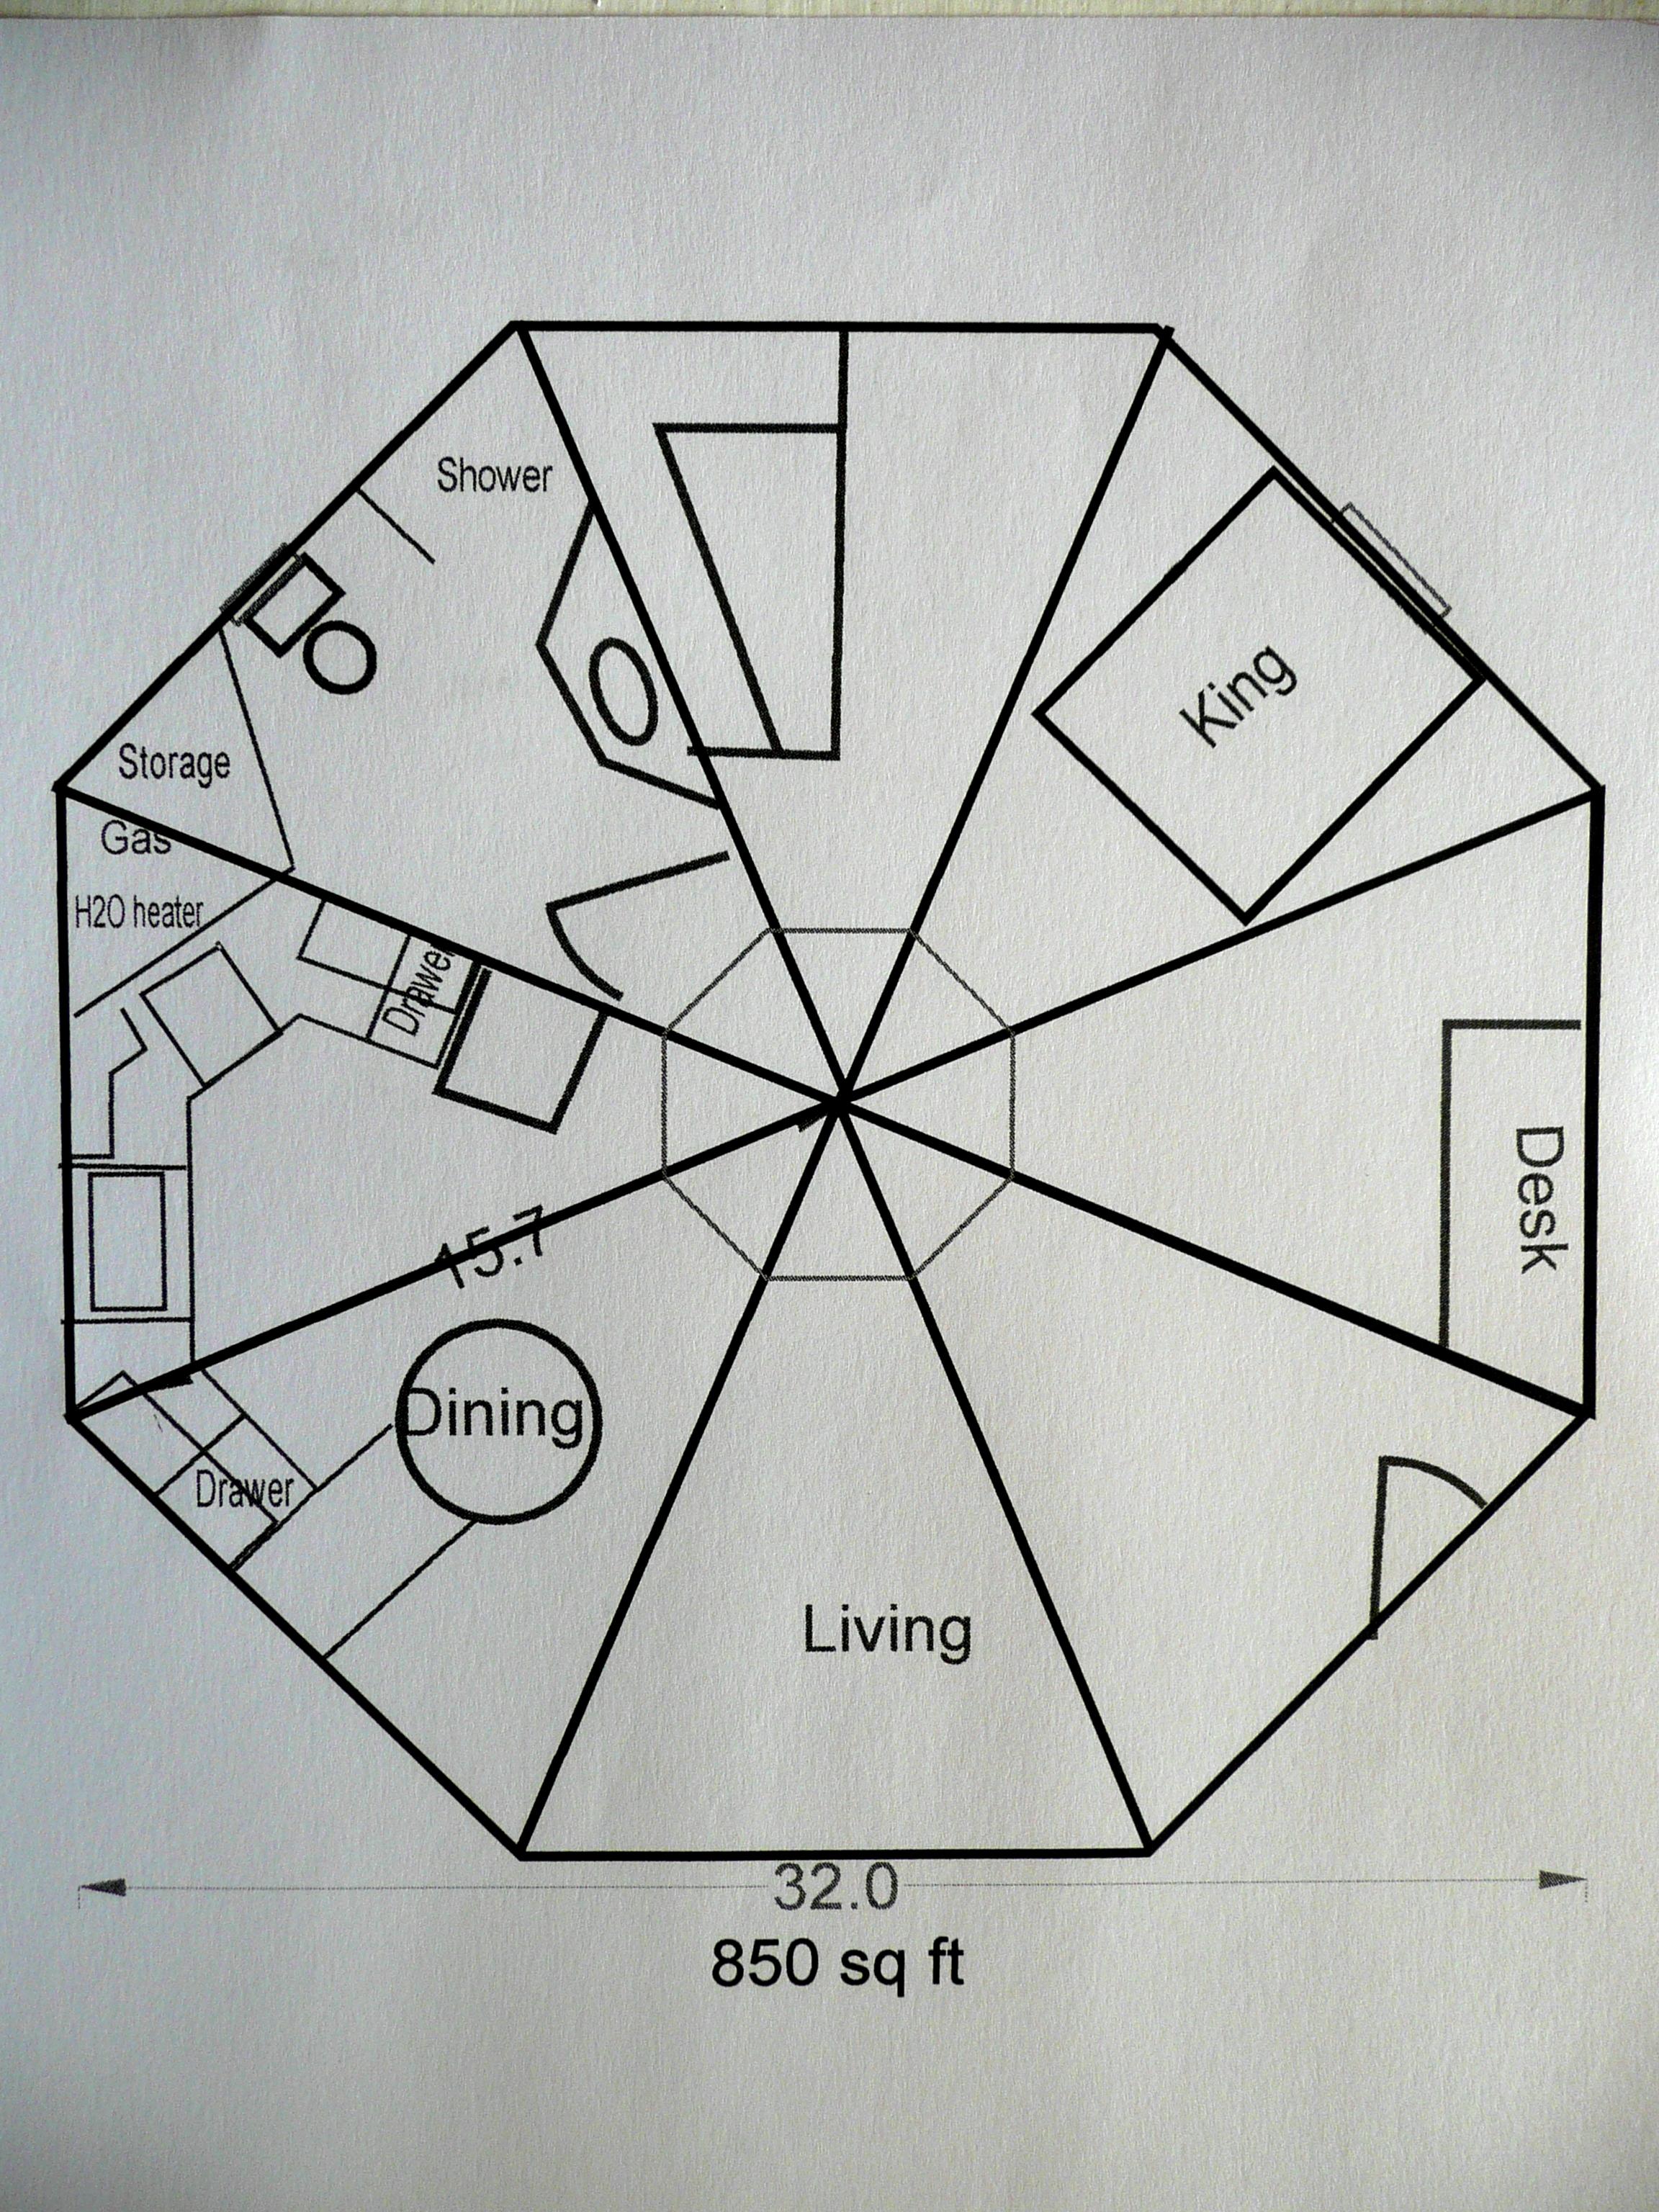 Octagon Building Plans Images